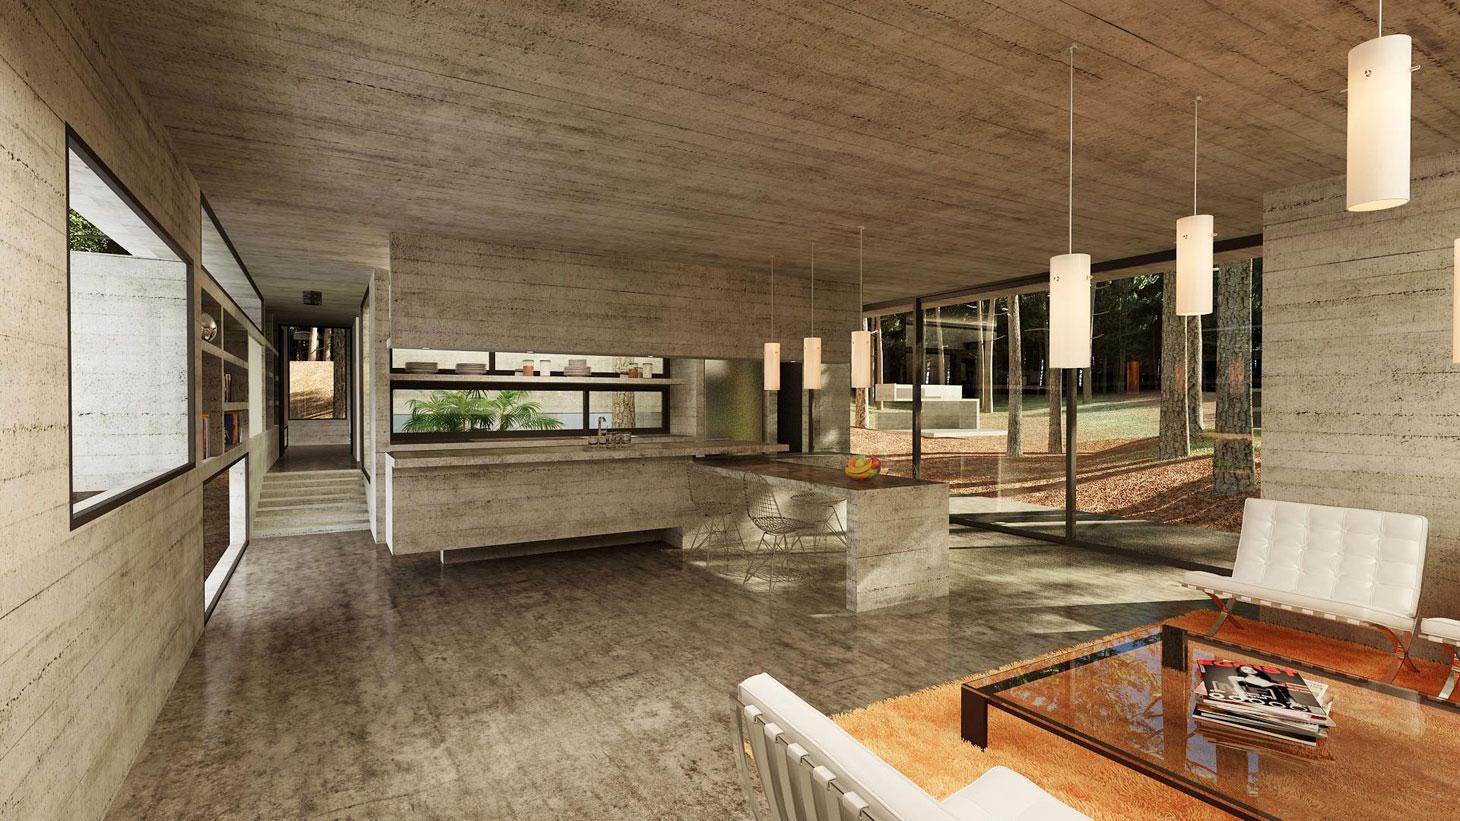 Concrete Forrest House in Costa Esmeralda by Besonias Almeida Arquitectos12